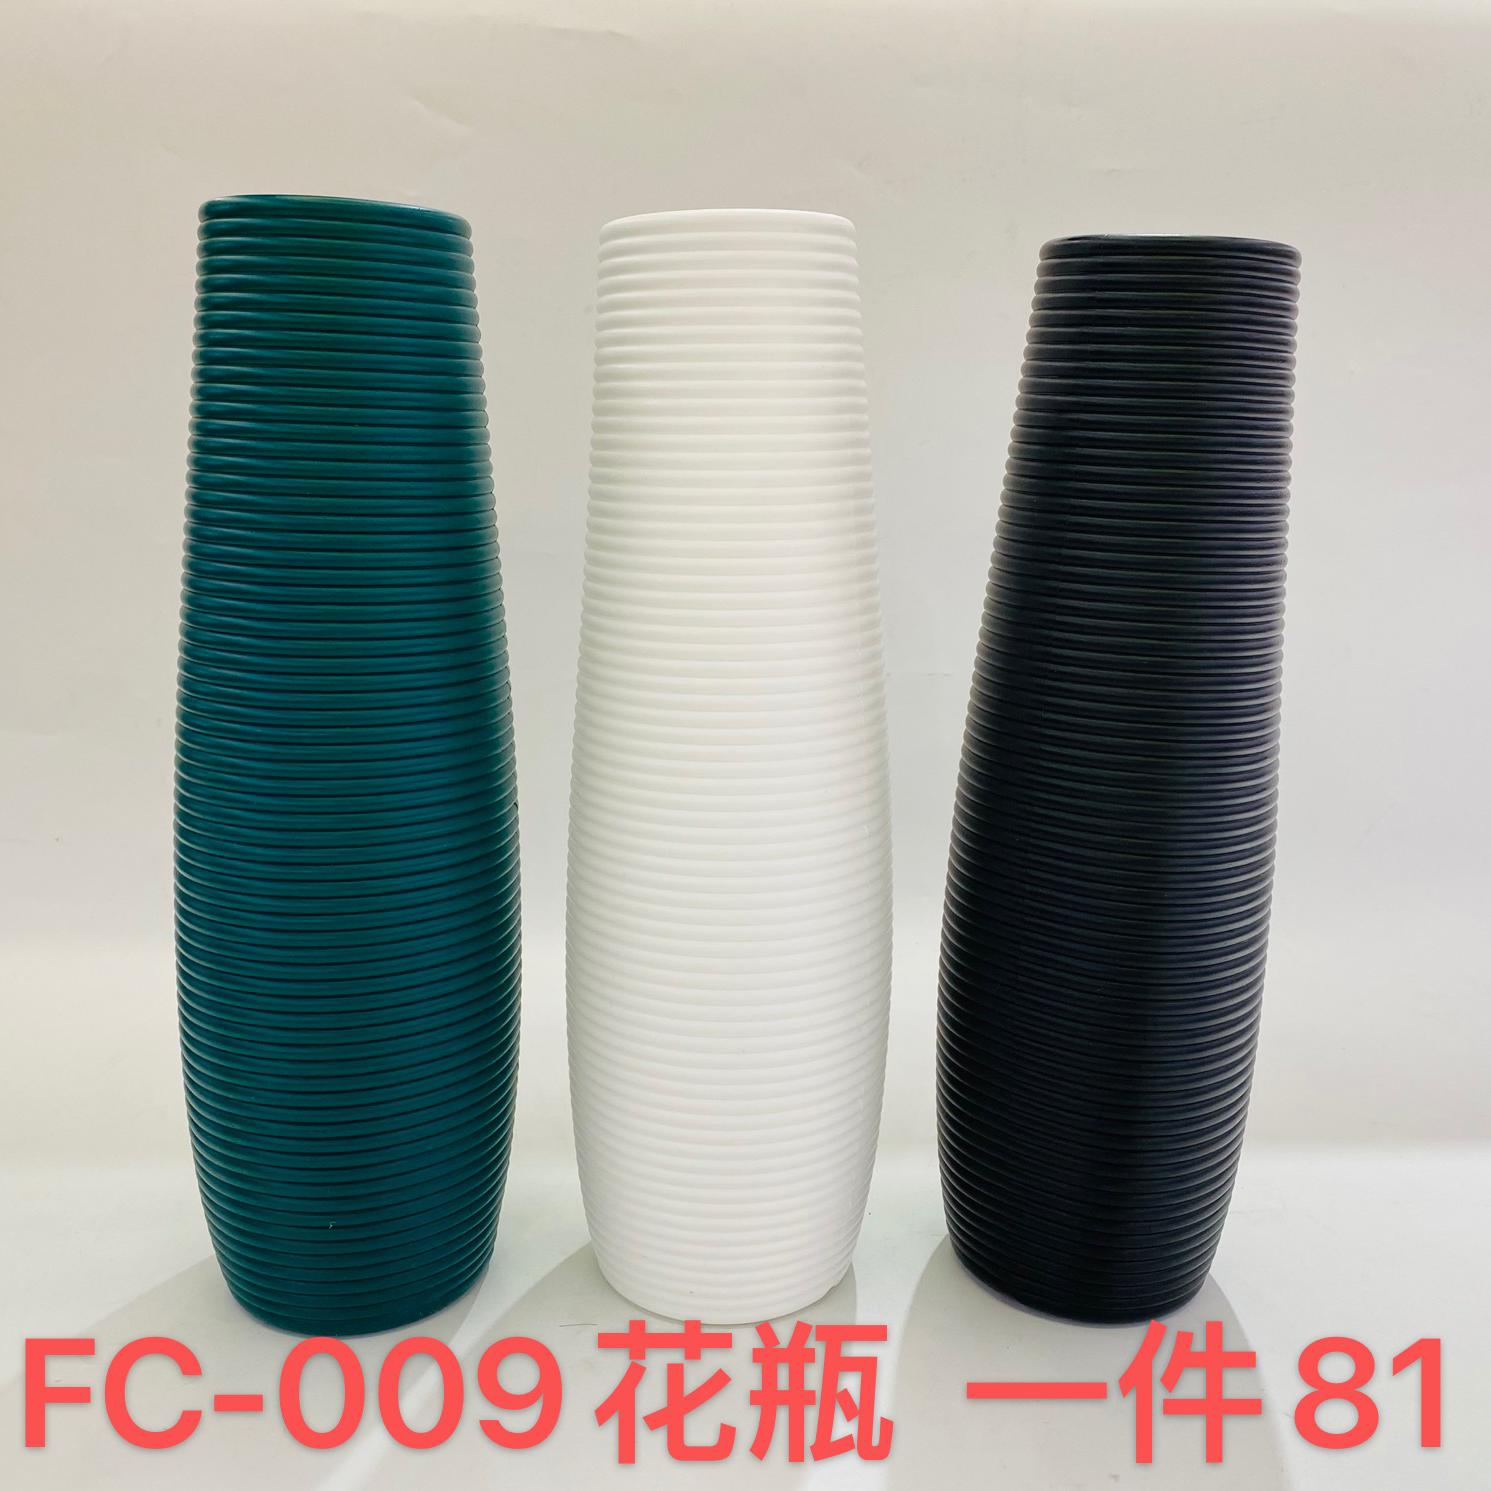 TC-009花瓶